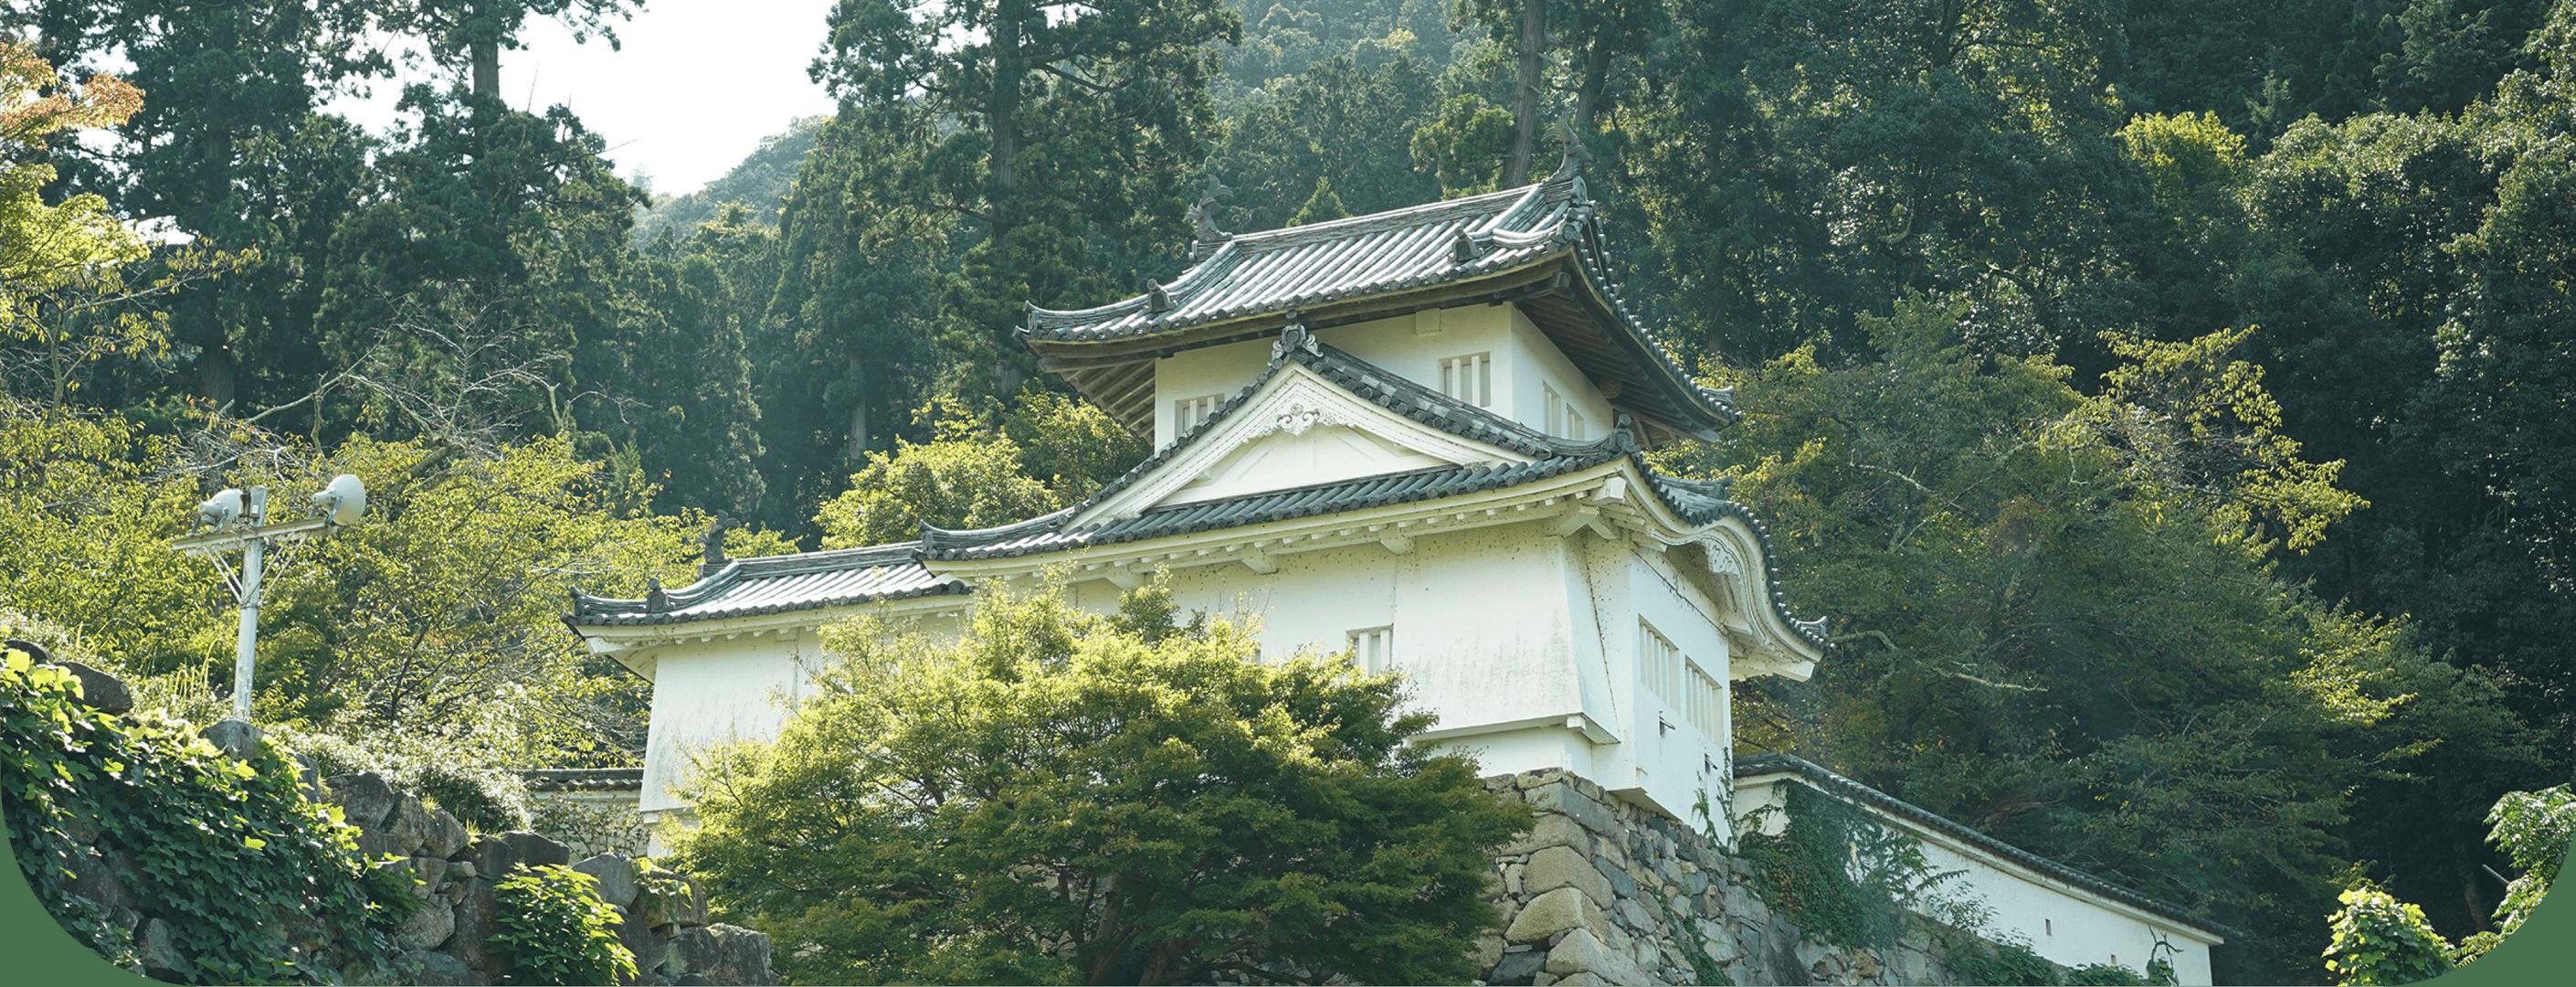 「古事記」「日本書紀」にも登場のいにしえの町、城下町出石。